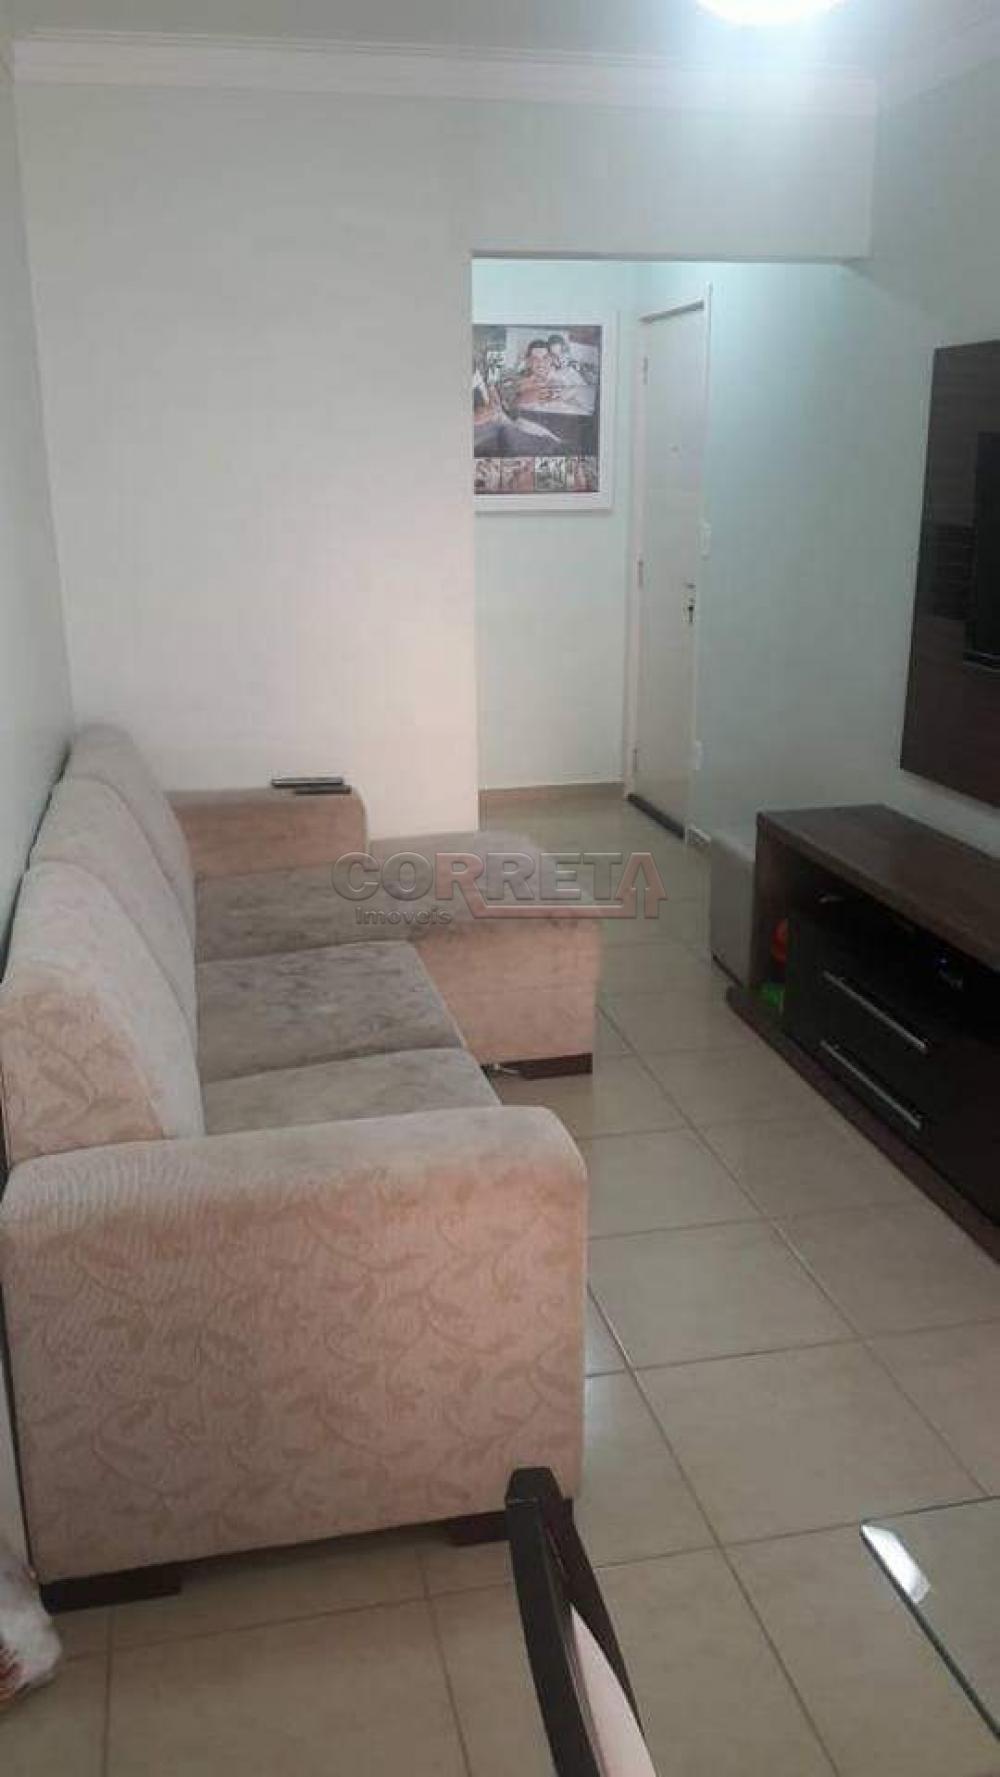 Comprar Apartamento / Padrão em Araçatuba apenas R$ 145.000,00 - Foto 2